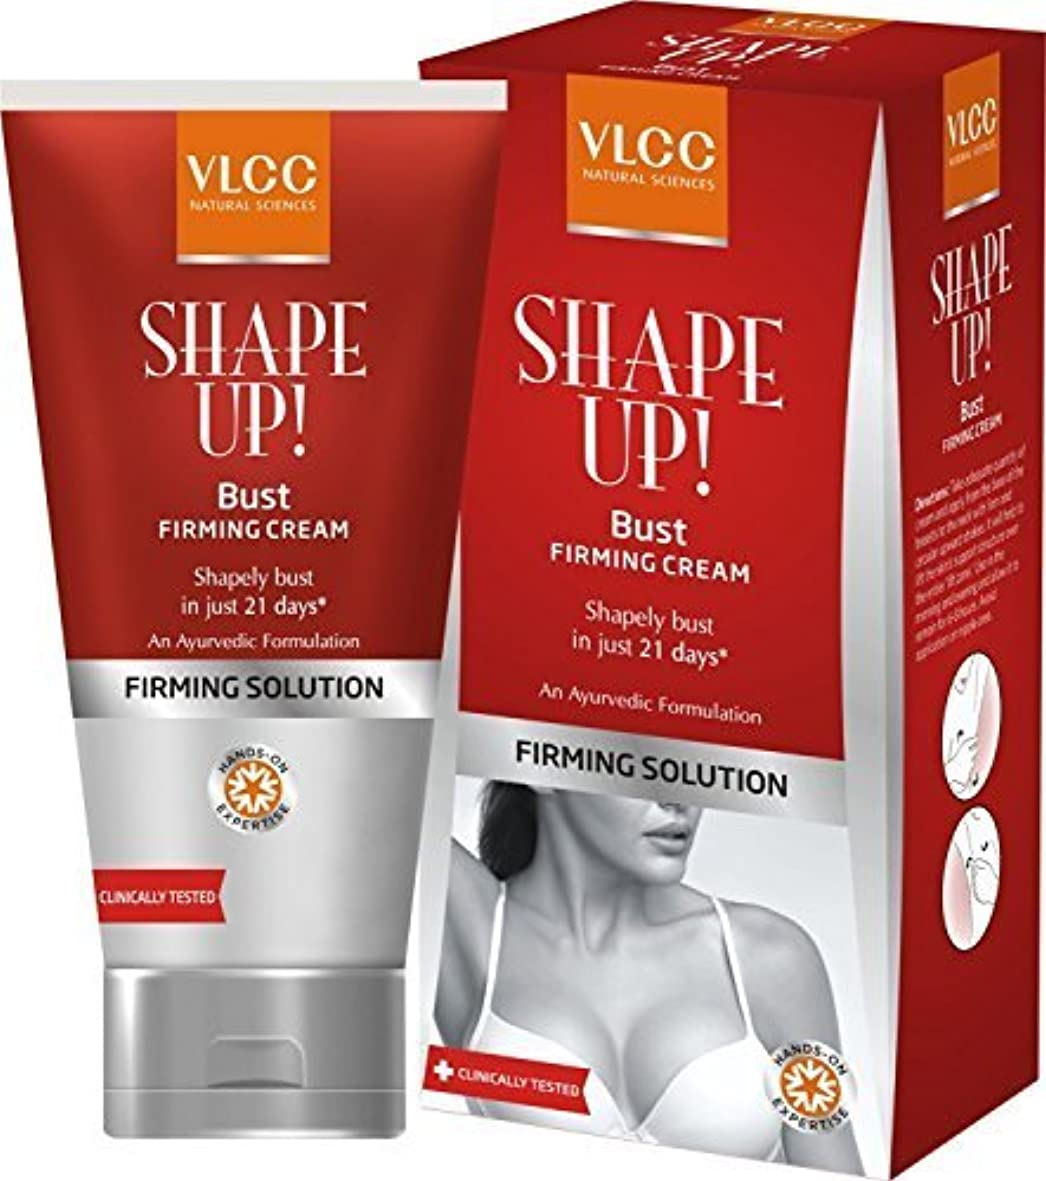 寺院優遇素晴らしい良い多くのVLCC Natural Sciences Shape Up Bust Firming Cream 100ml by VLCC [並行輸入品]